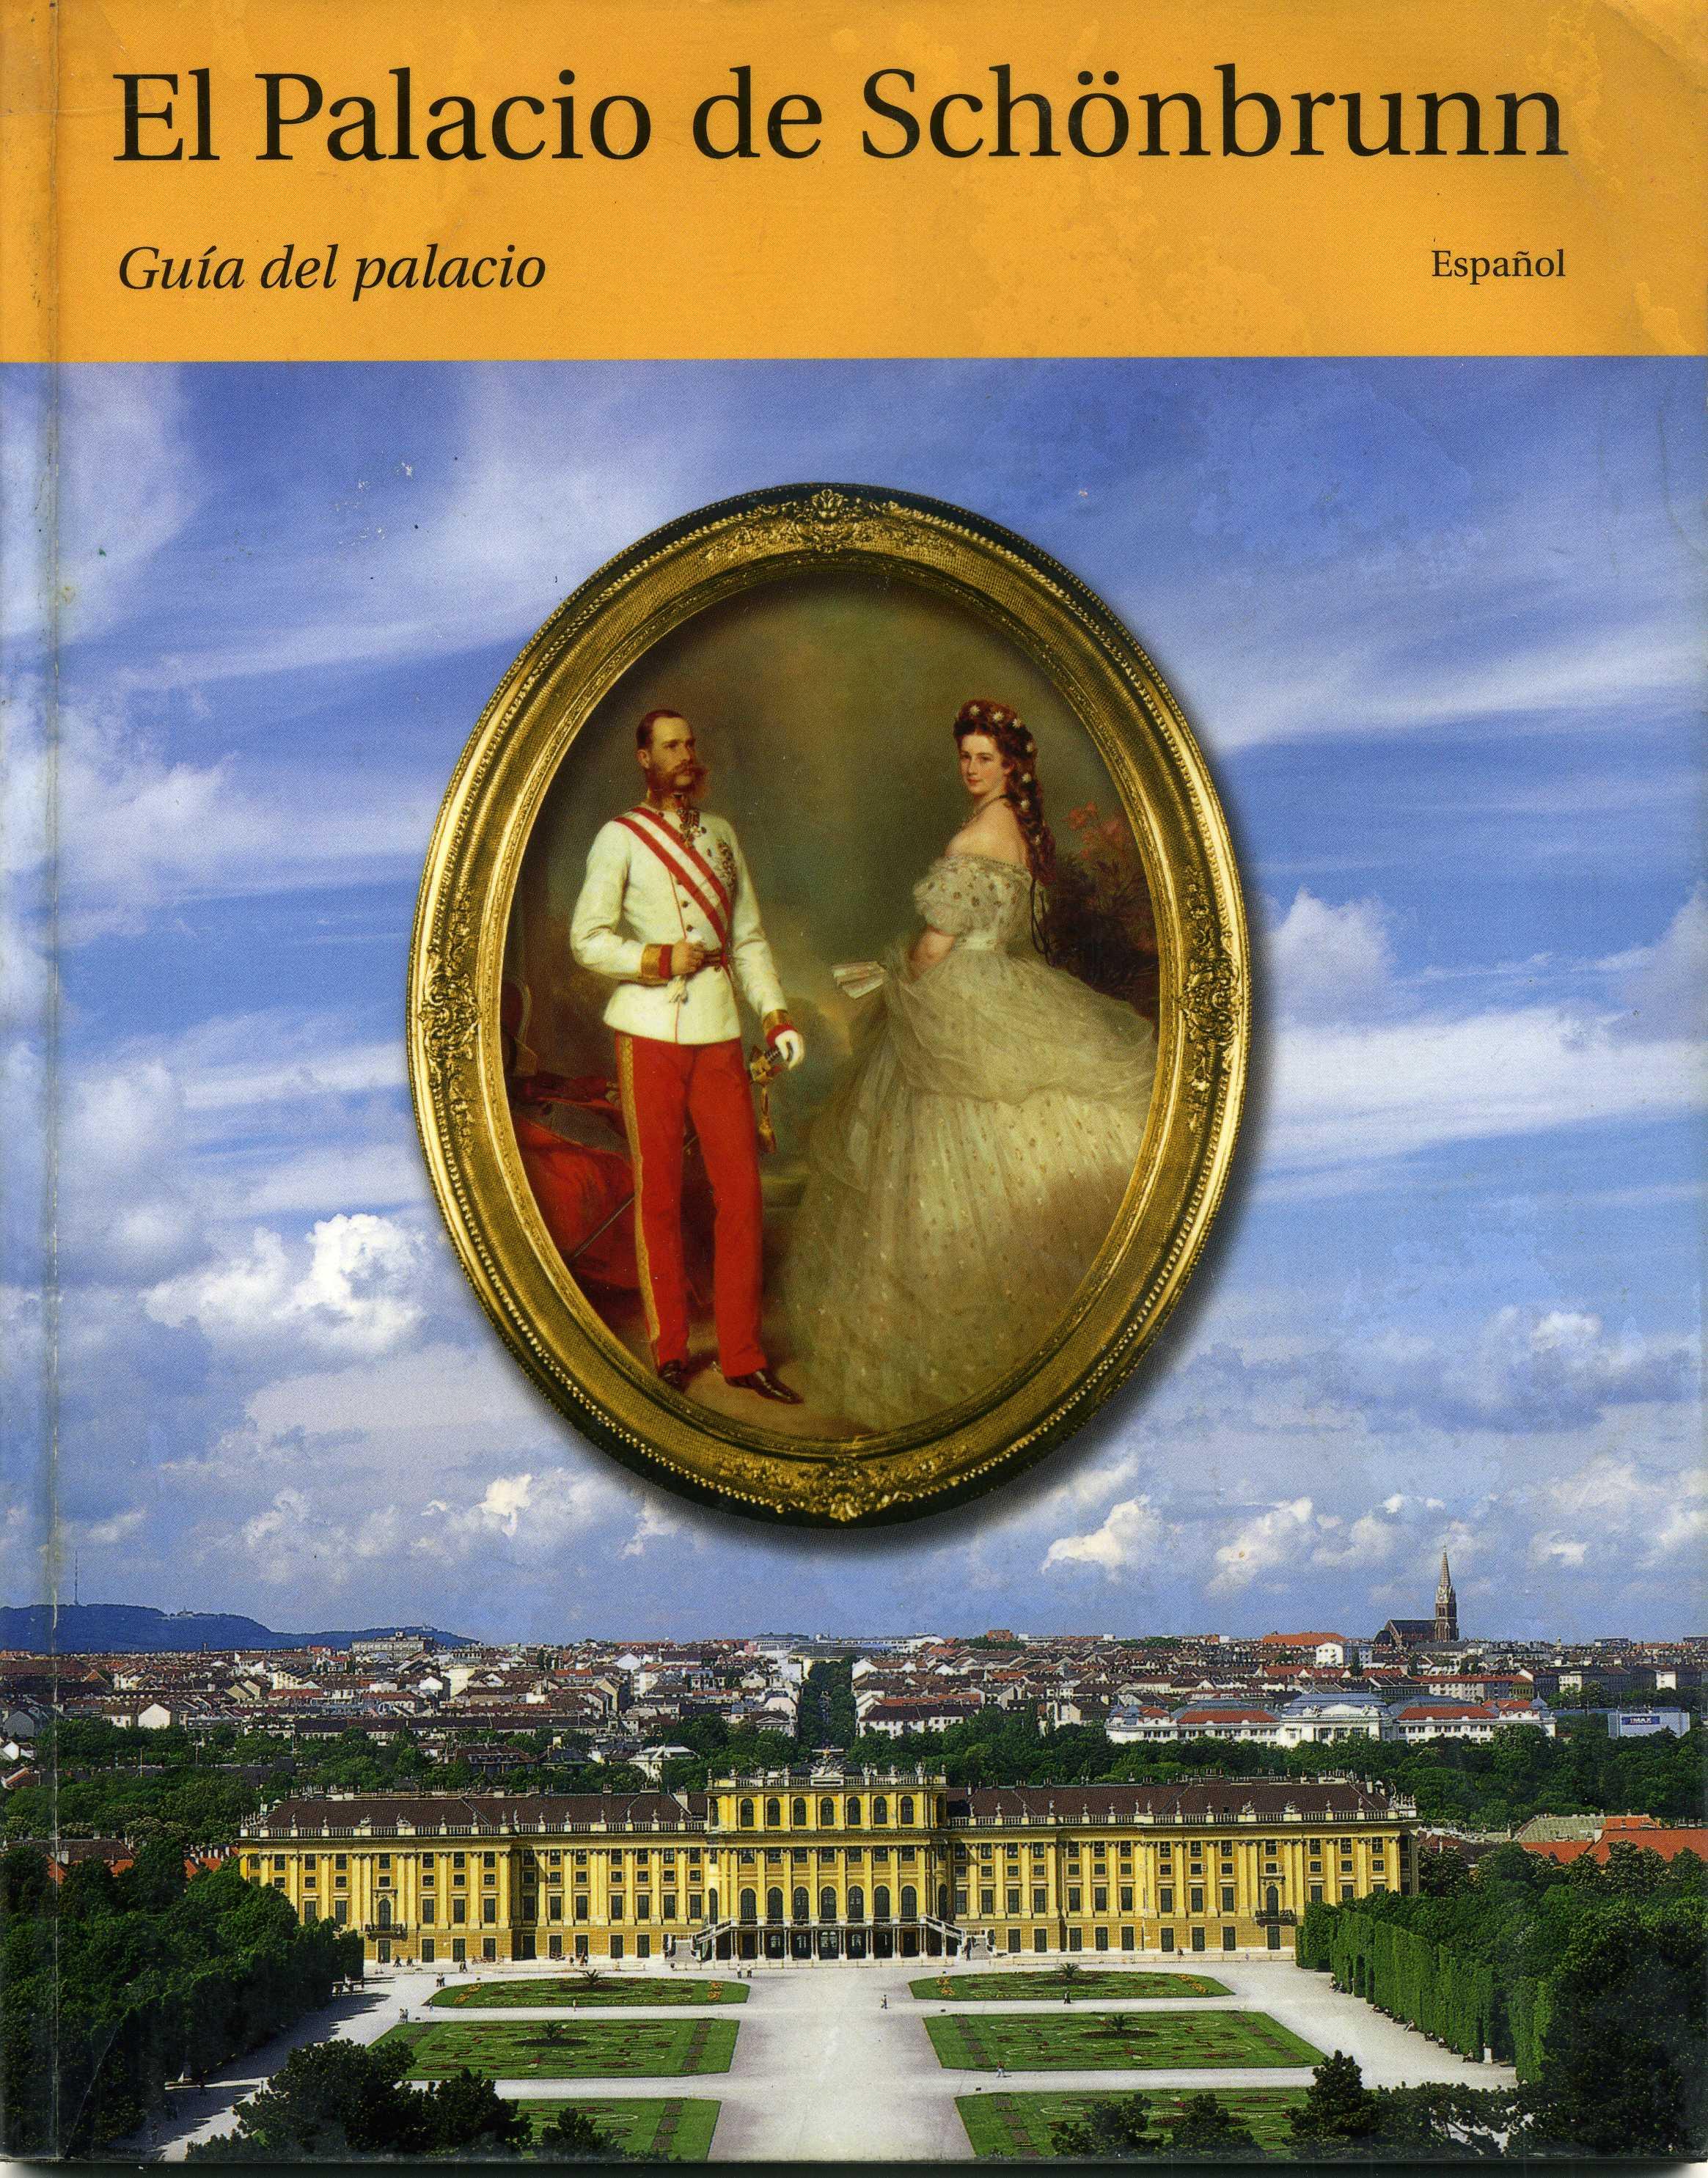 El Palacio de Schönbrunn